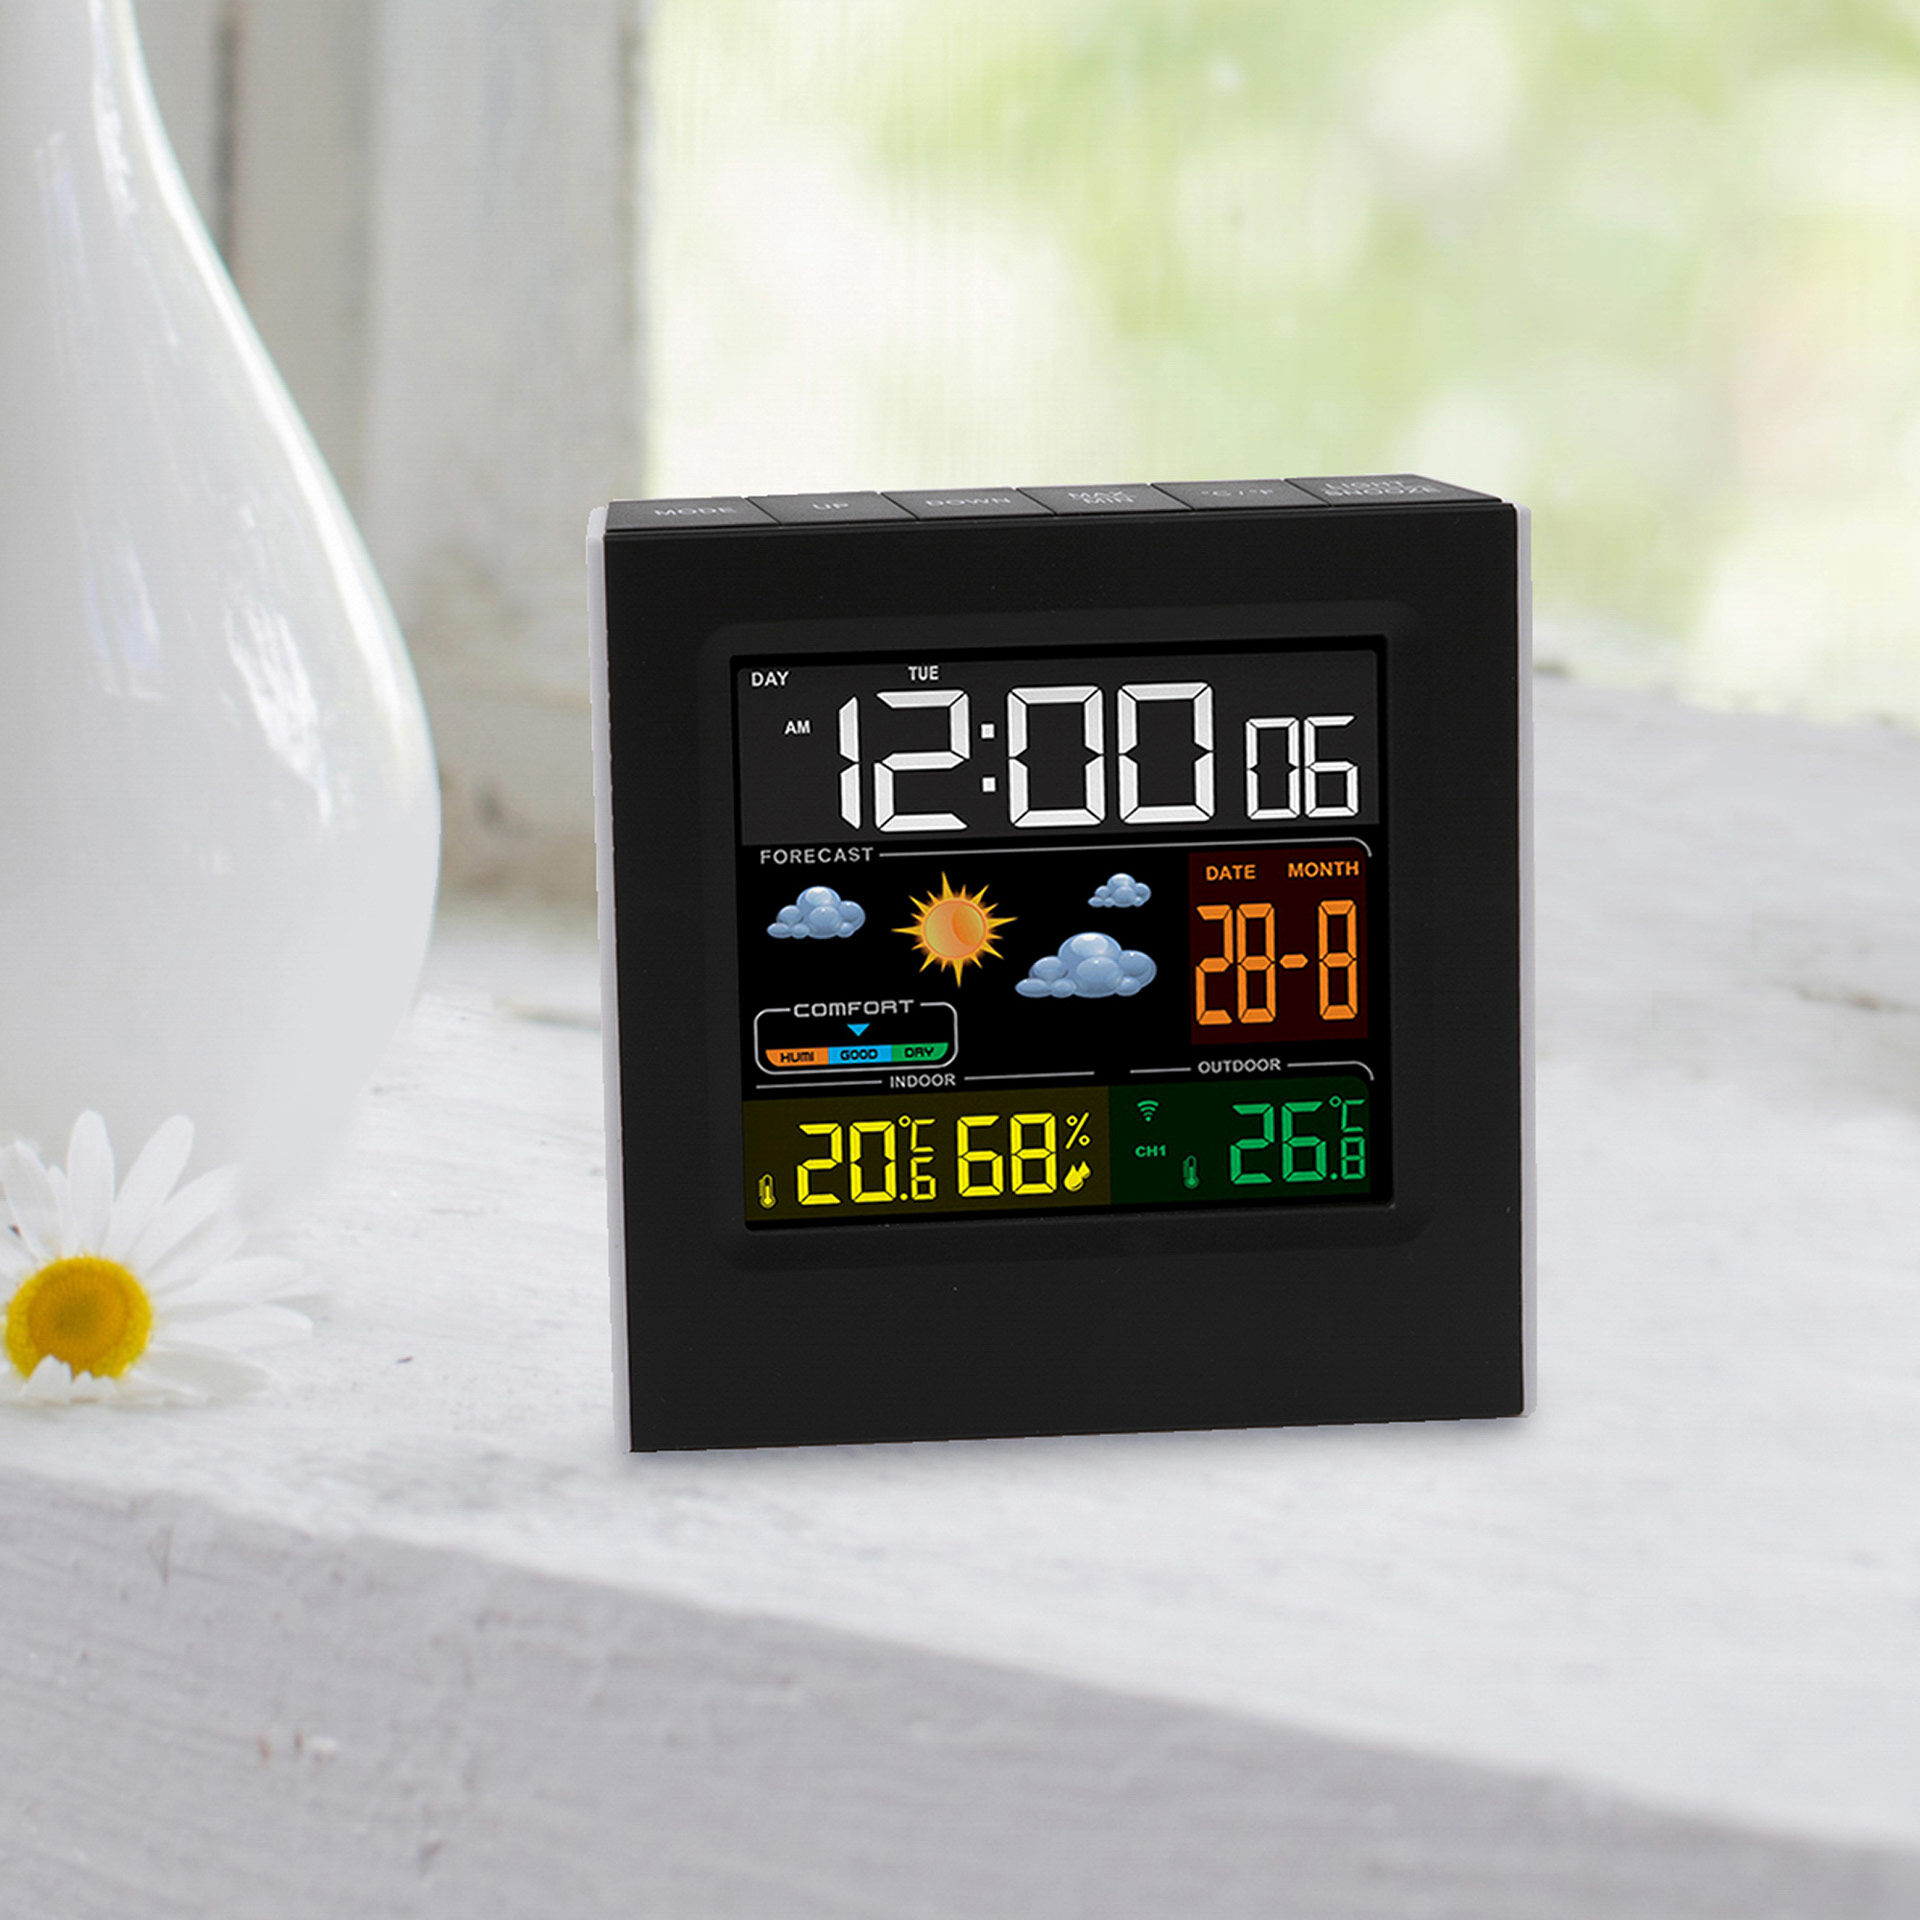 Station météo avec écran couleur et capteur externe, , large